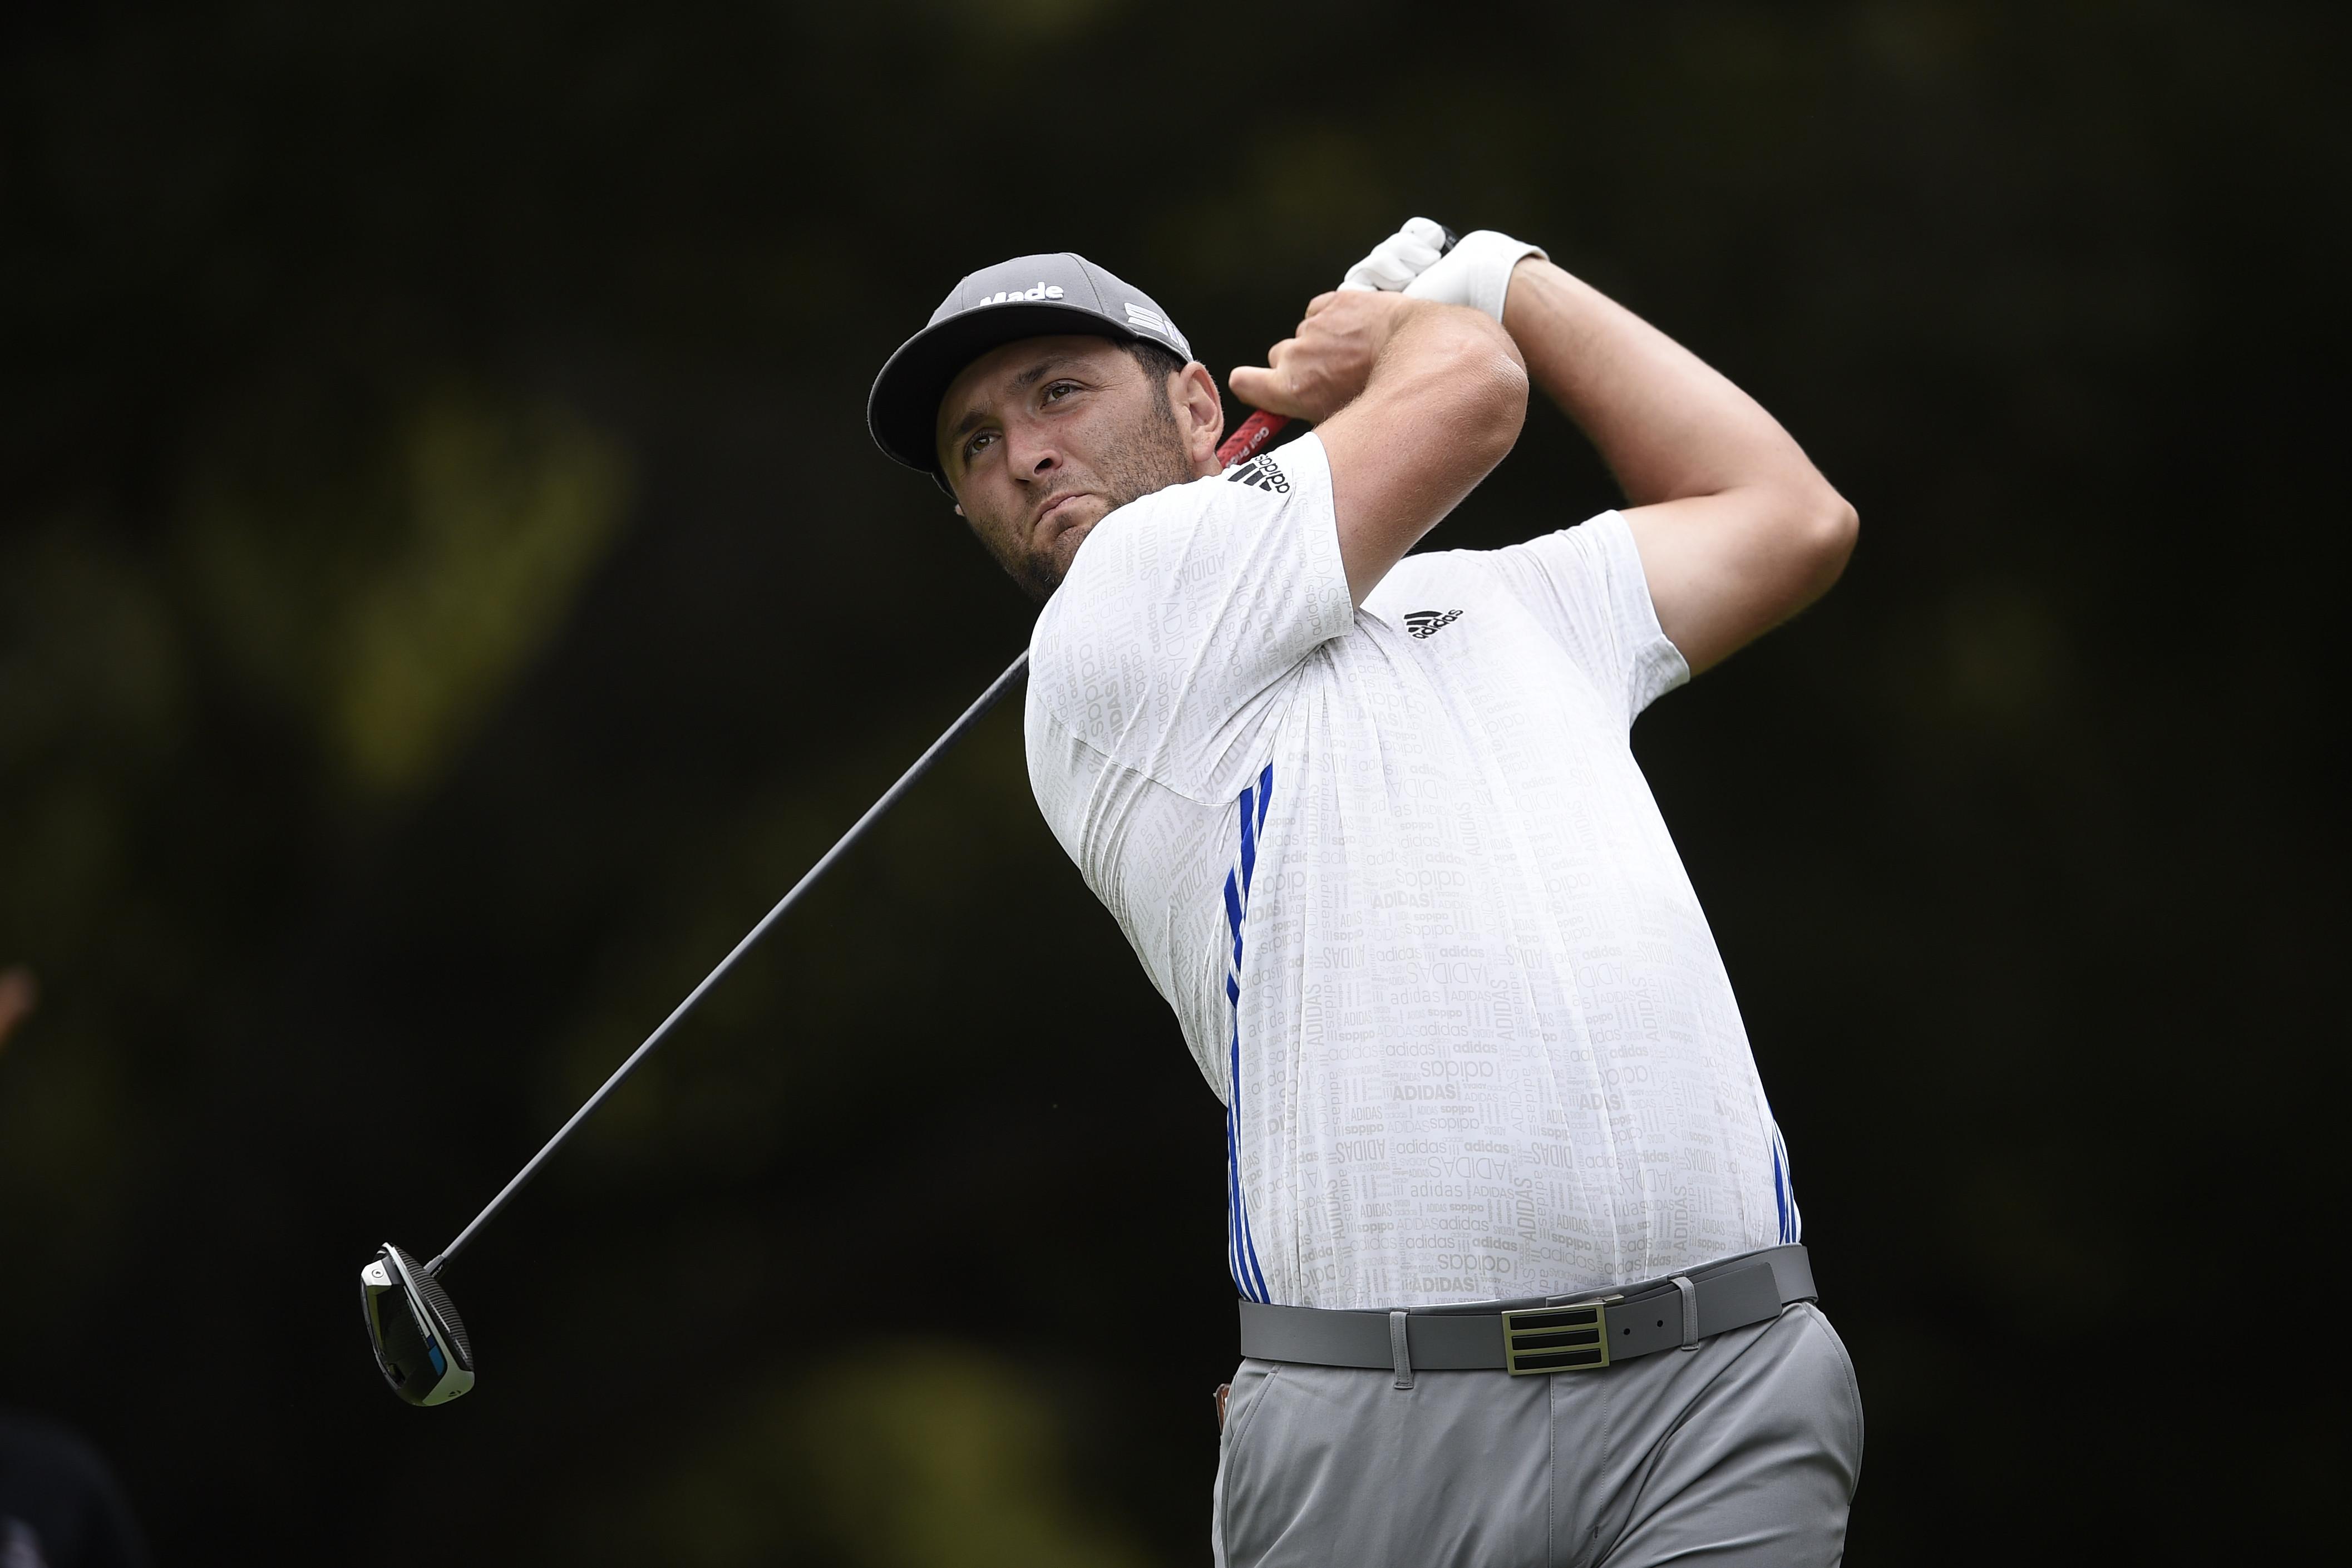 Jon Rahm wins the U.S. Open